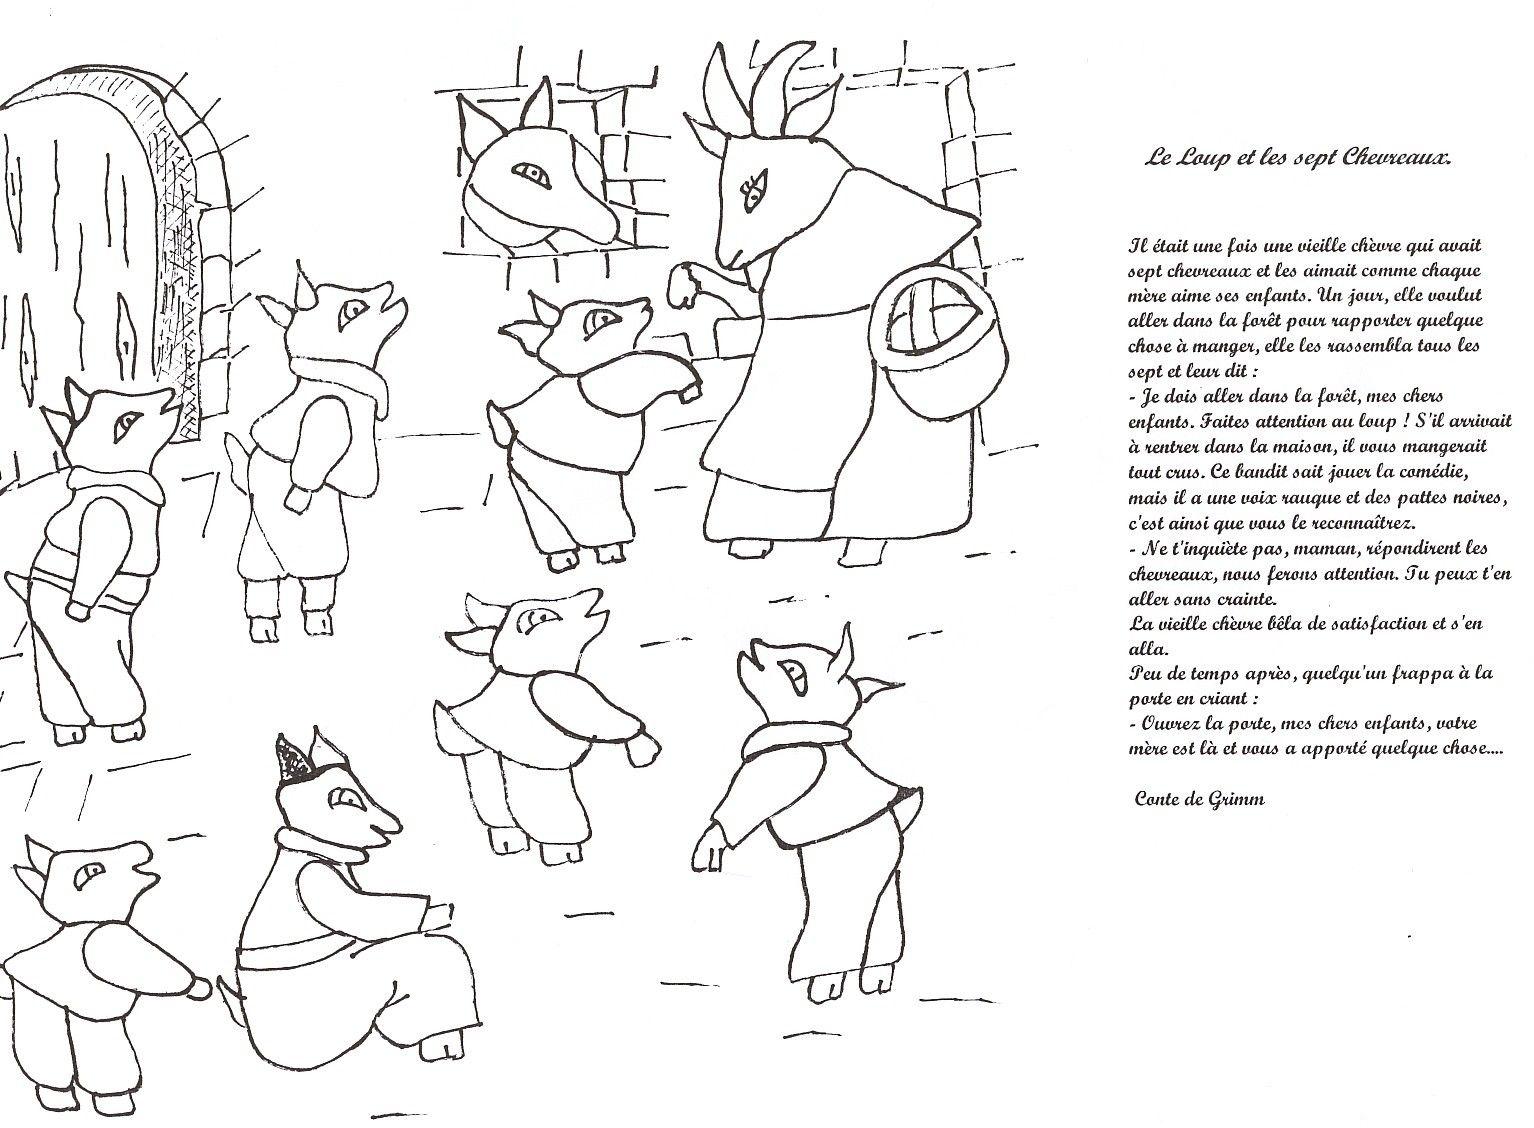 Modele chevreaux 1534 1128 sept chevreaux pinterest le loup loups et le conte - Coloriage de conte ...